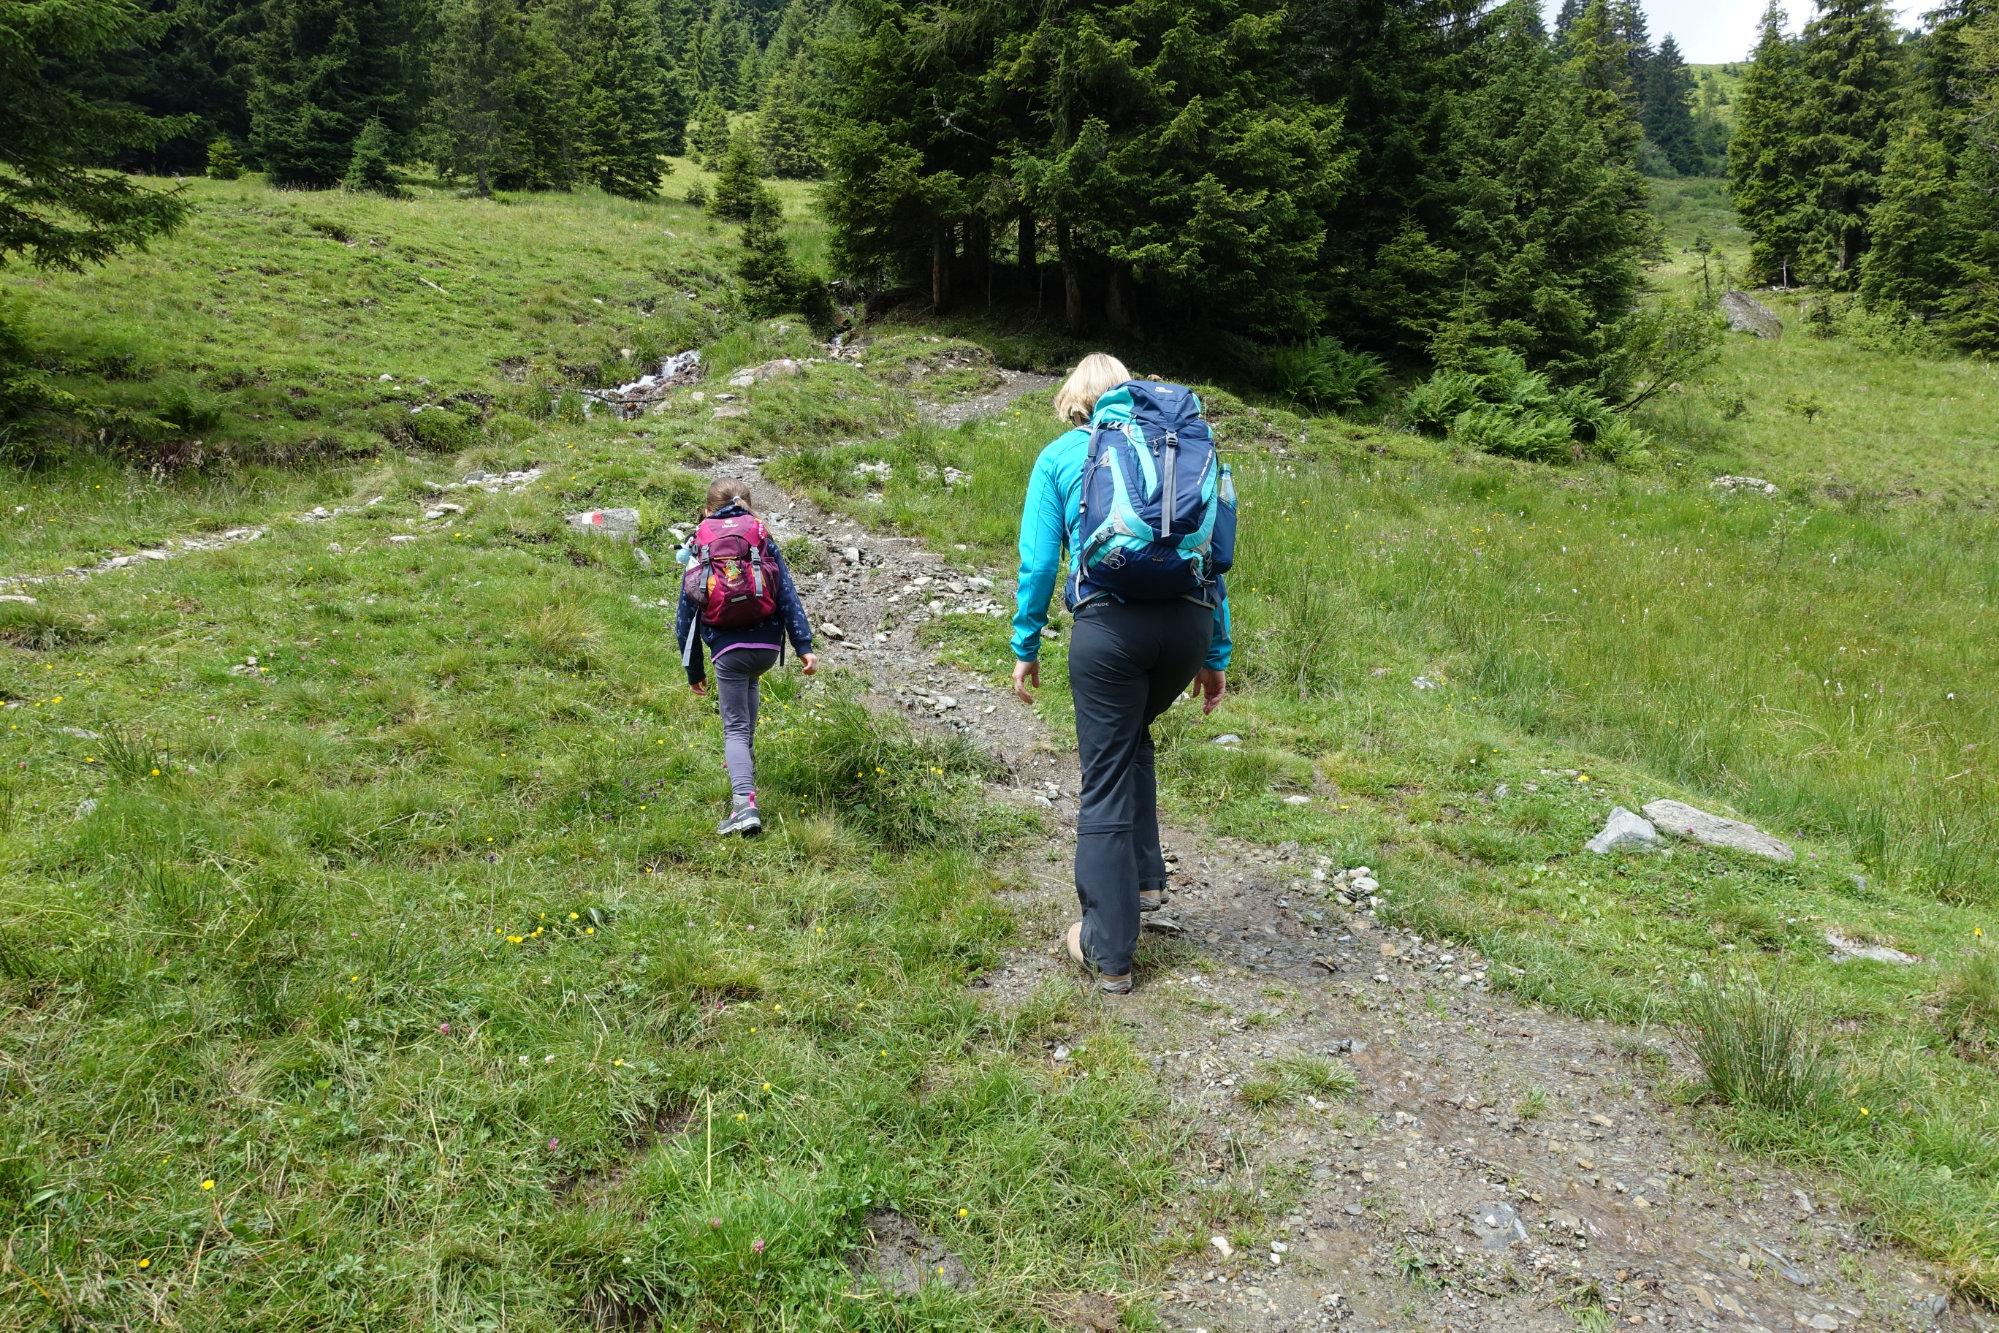 Klettergurt Kinder 5 Jahre : 7 tipps für das wandern mit kindern fjella